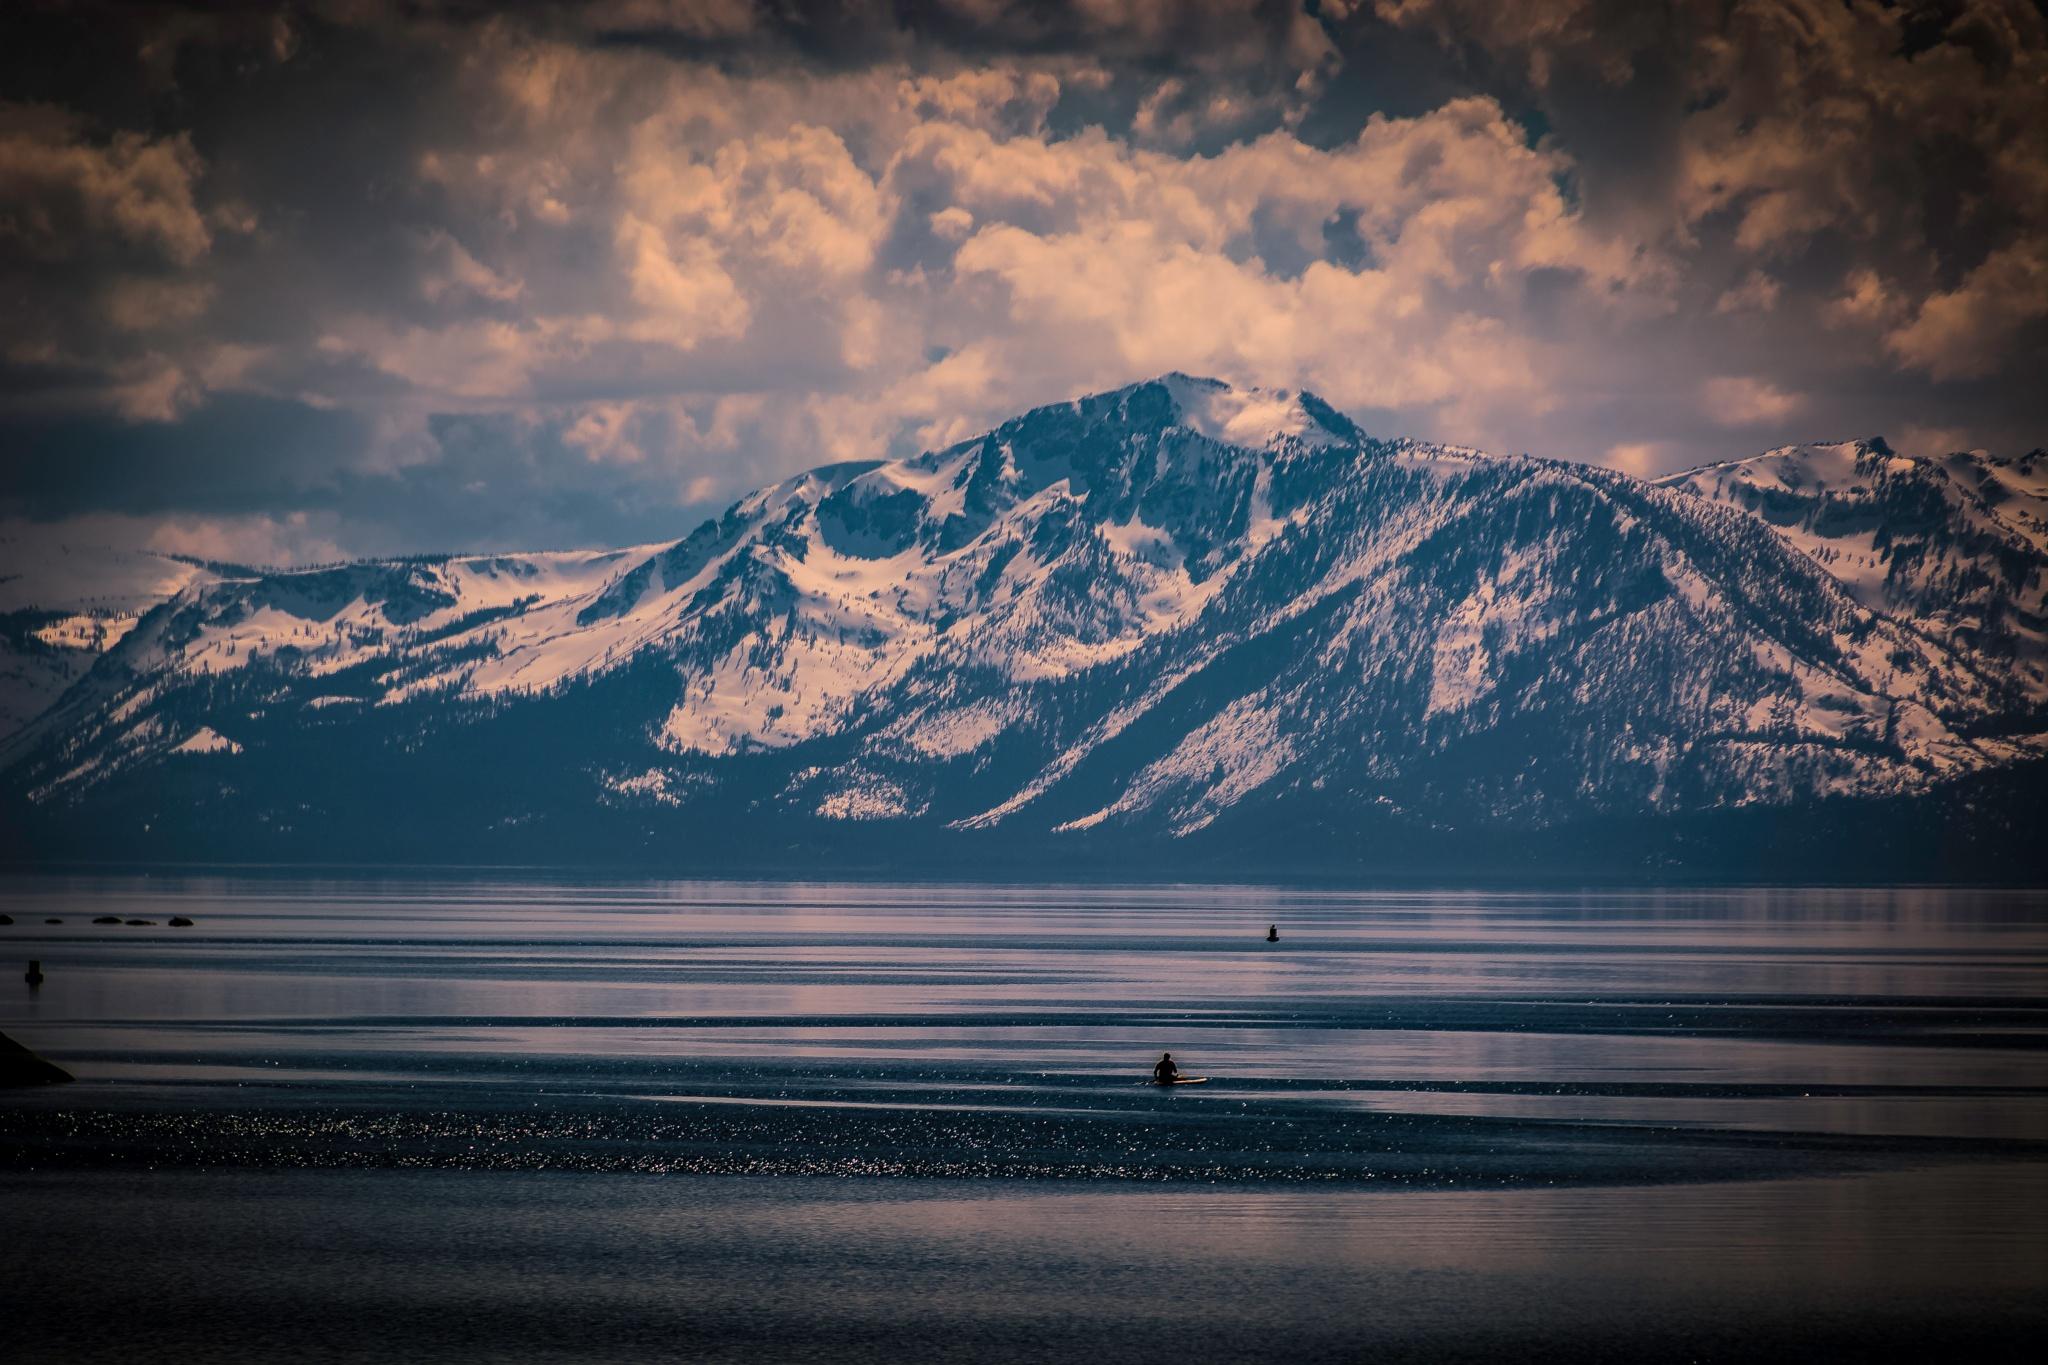 Kayaking Tahoe  by kelrey31